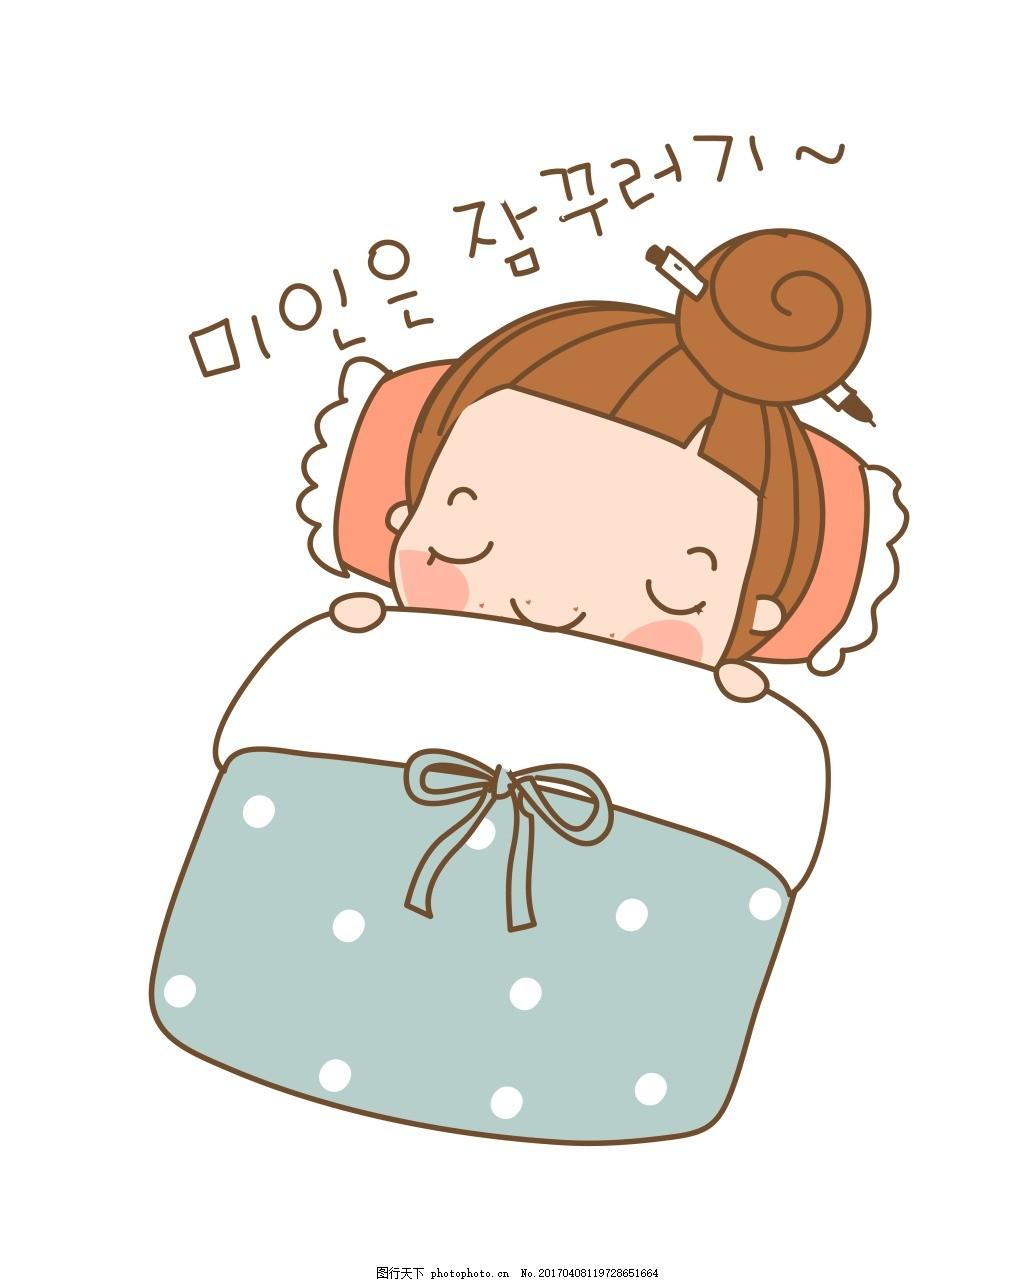 矢量卡通晚安表情eps 韩国卡通人物图片下载 韩国卡通人物 矢量素材